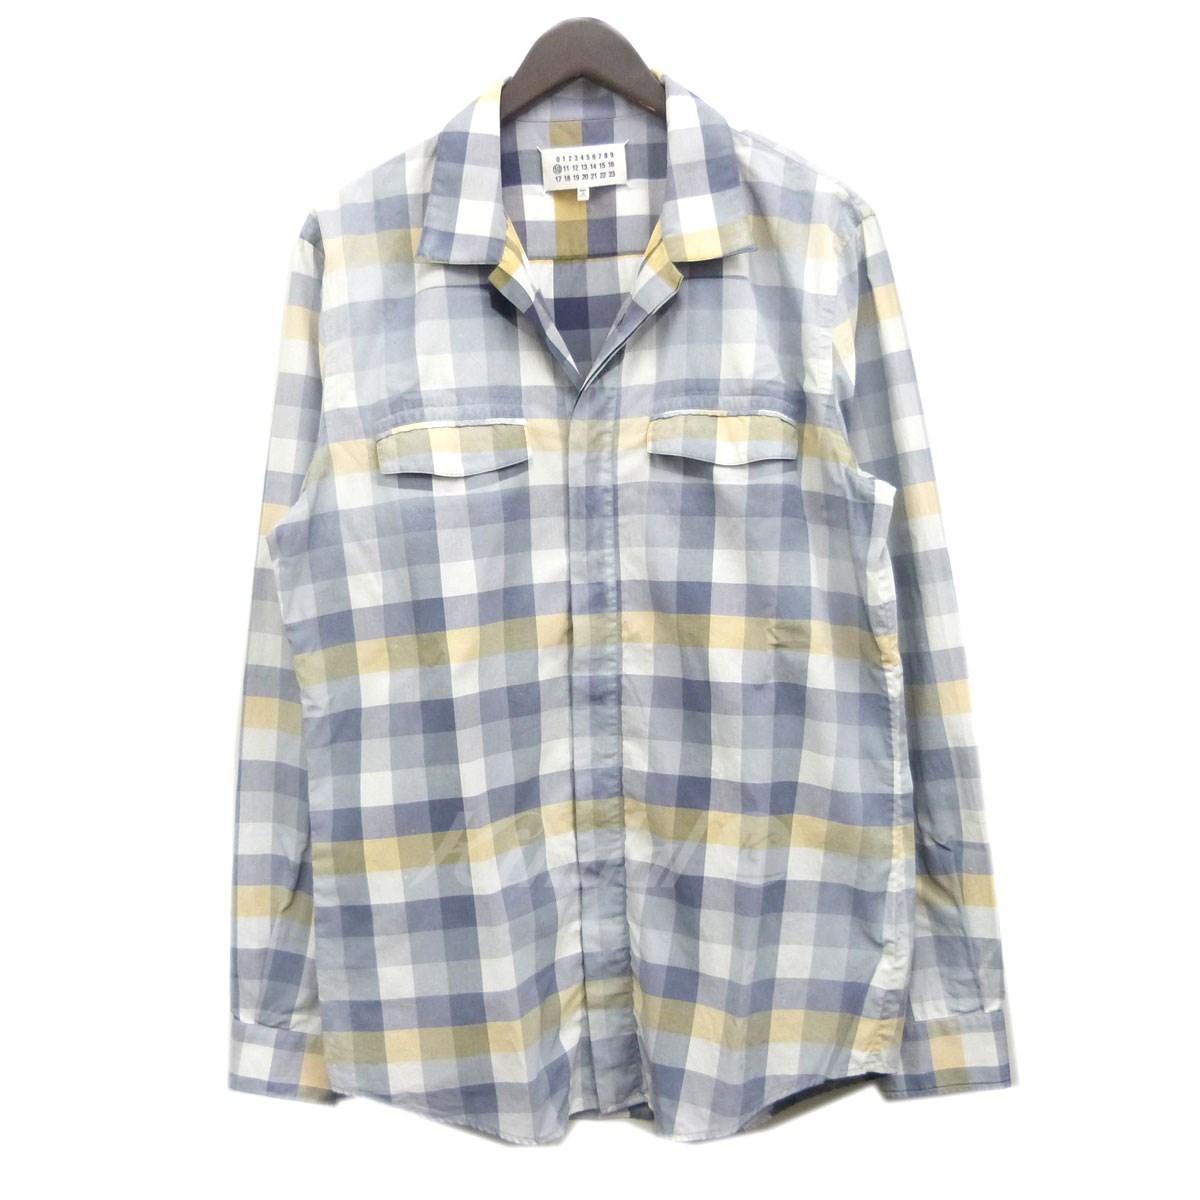 【中古】Martin Margiela 10 13SS USED加工チェックシャツ ホワイト×ネイビー×ベージュ サイズ:48 【送料無料】 【011118】(マルタンマルジェラ10)